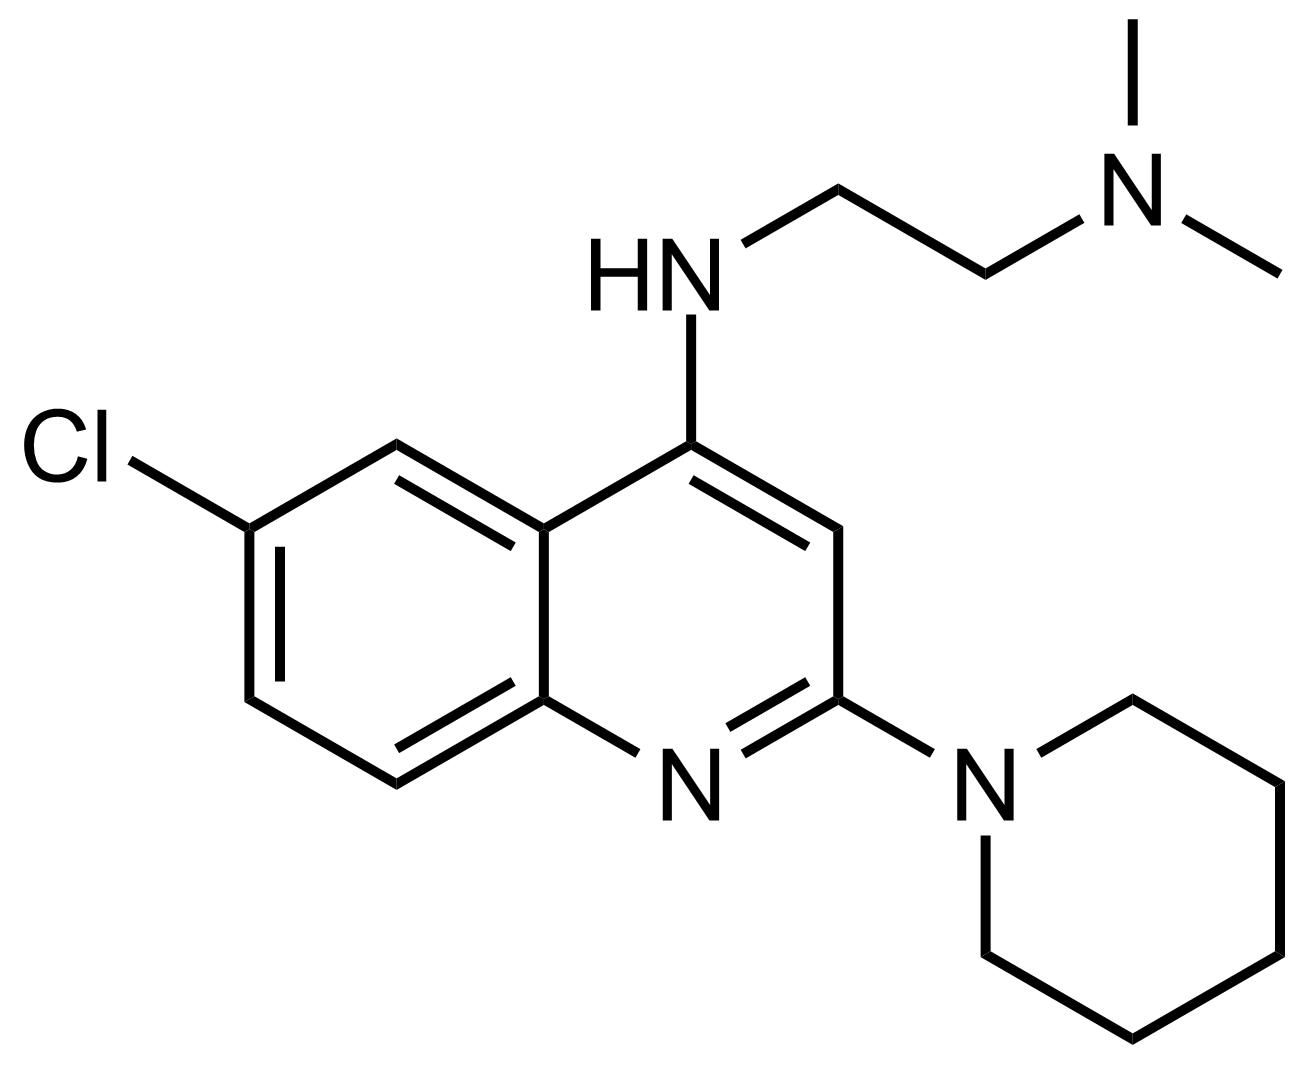 Structure of N'-(6-Chloro-2-(piperidin-1-yl)quinolin-4-yl)-N,N-dimethylethane-1,2-diamine